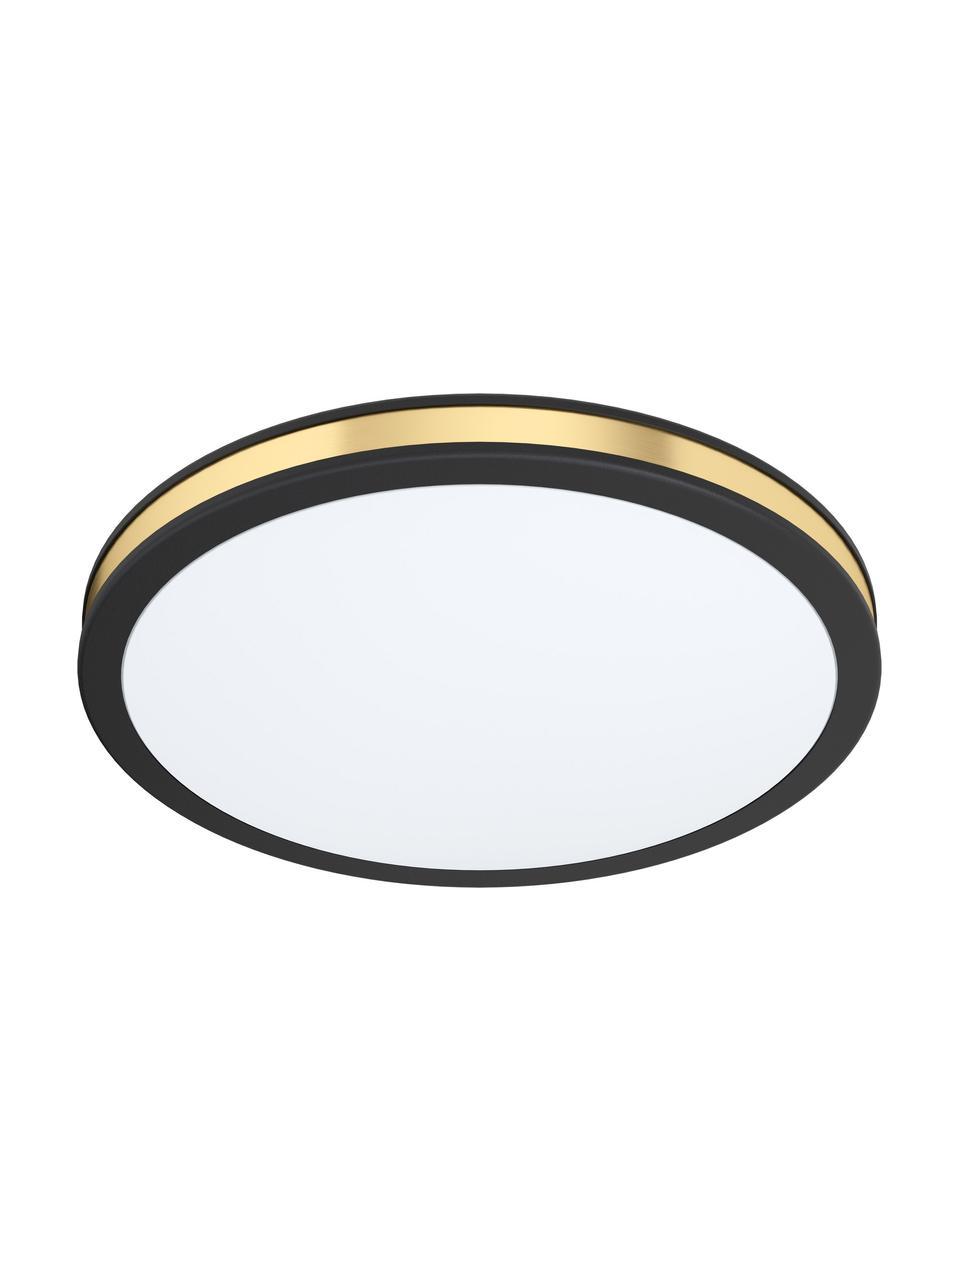 Plafoniera LED Pescaito, Paralume: materiale sintetico, Baldacchino: metallo verniciato, Nero, dorato, Ø 28 x Alt. 7 cm